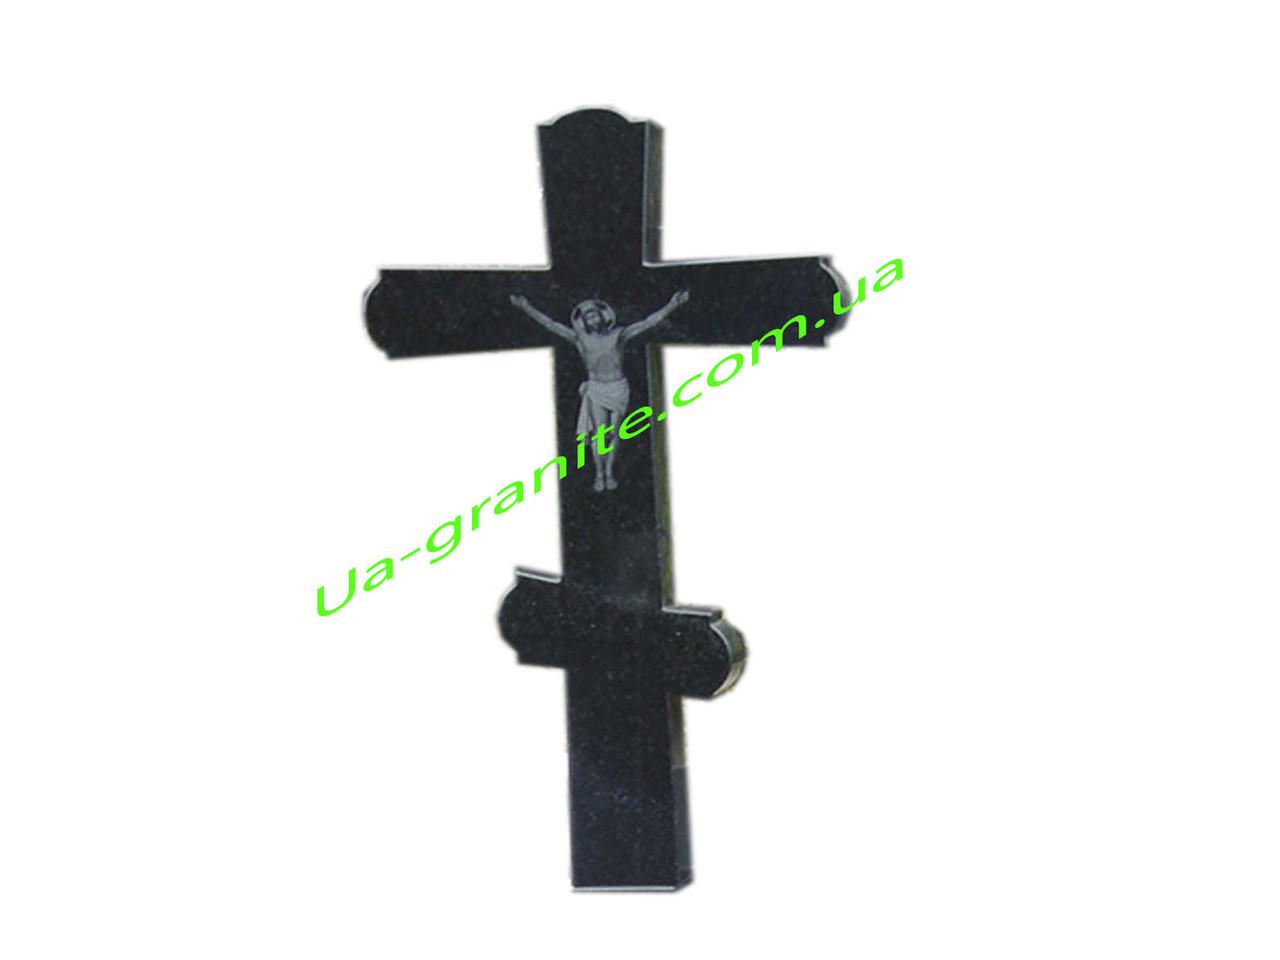 Православний хрест із граніту на цвинтар чорного кольору.